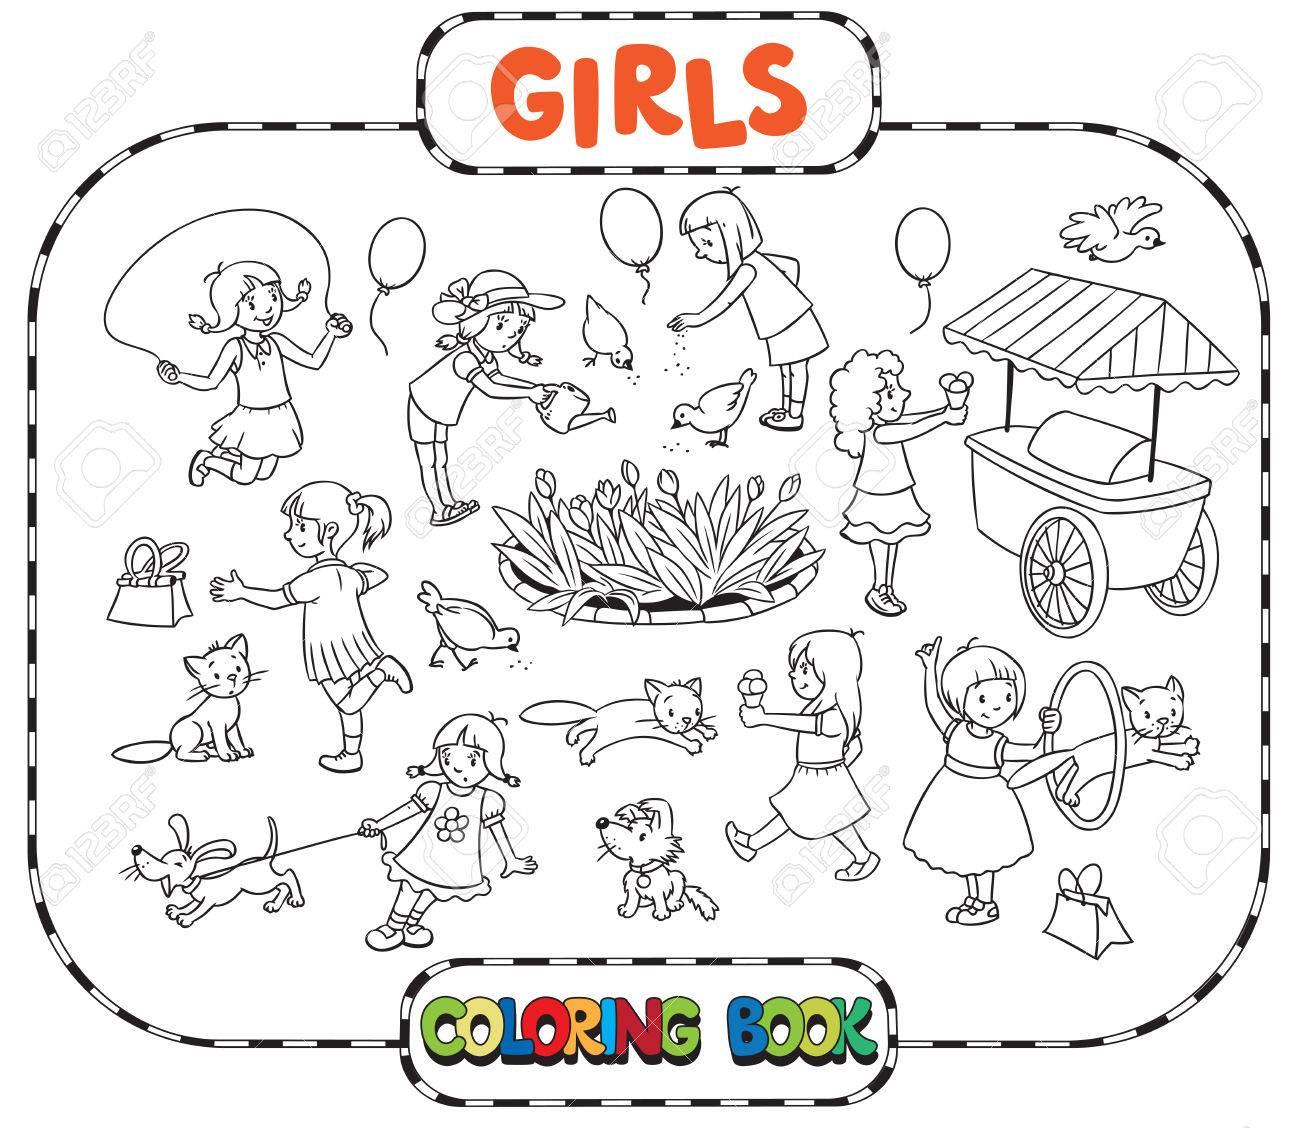 Big Malbuch Oder Farbstoffe Bild Reihe Von Kleinen Mädchen Spielen